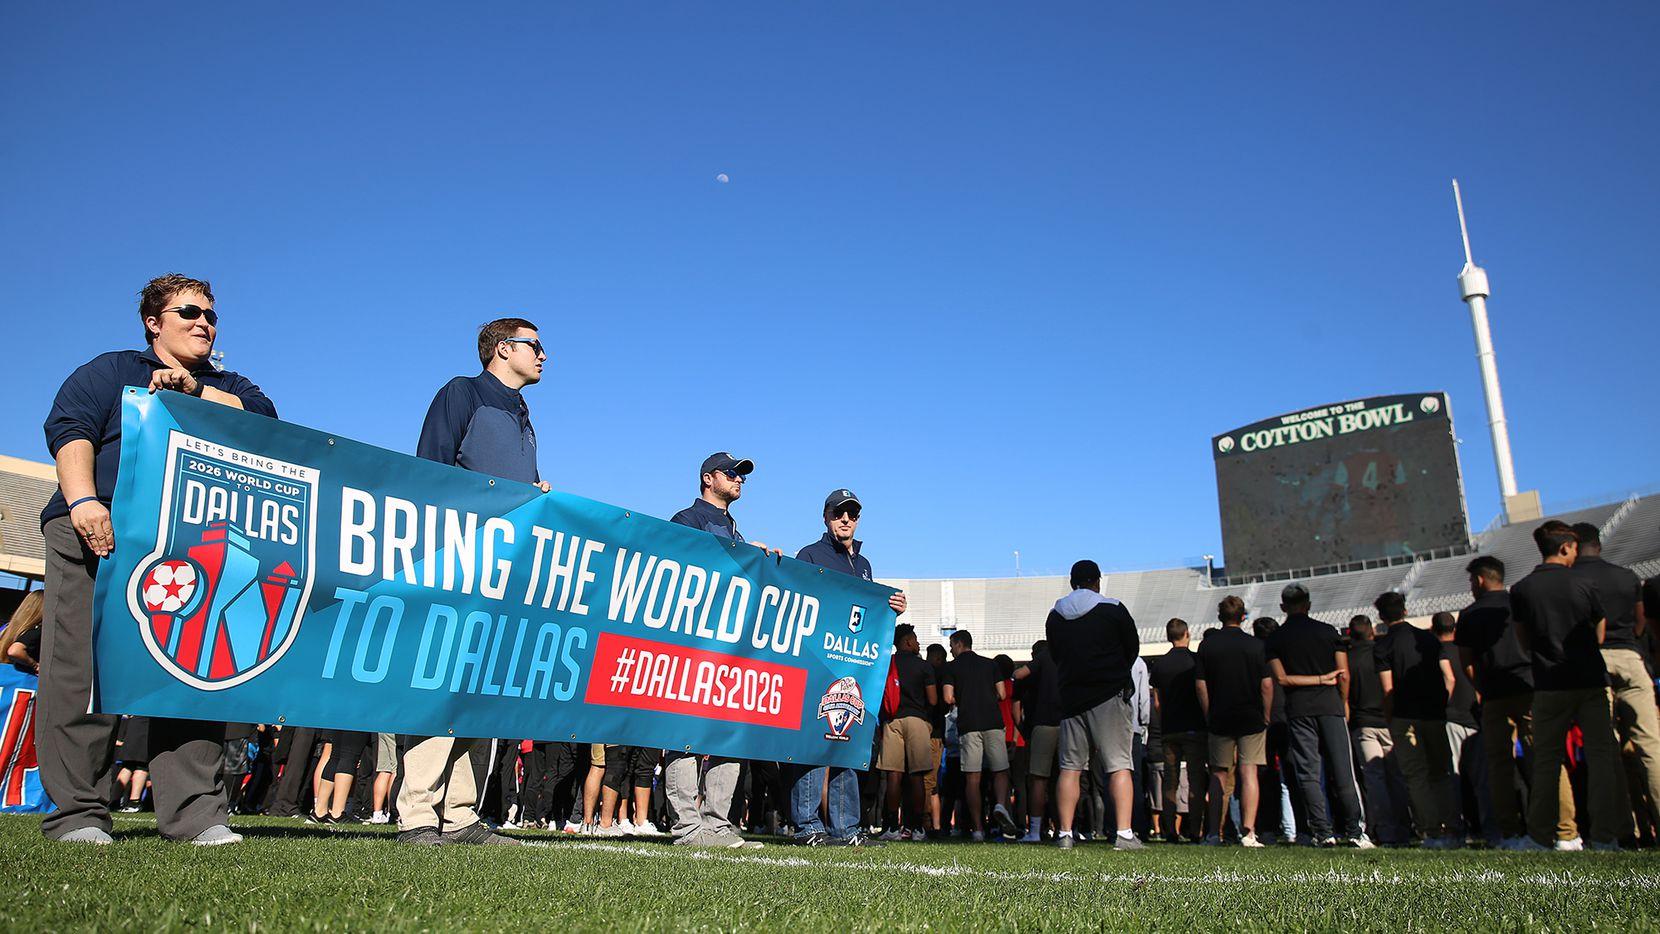 Monica Paul (izq), directora de la Dallas Sports Commission, presenta el logo de la ciudad para traer el Mundial 2026 a Dallas. Foto Omar Vega para Al Día